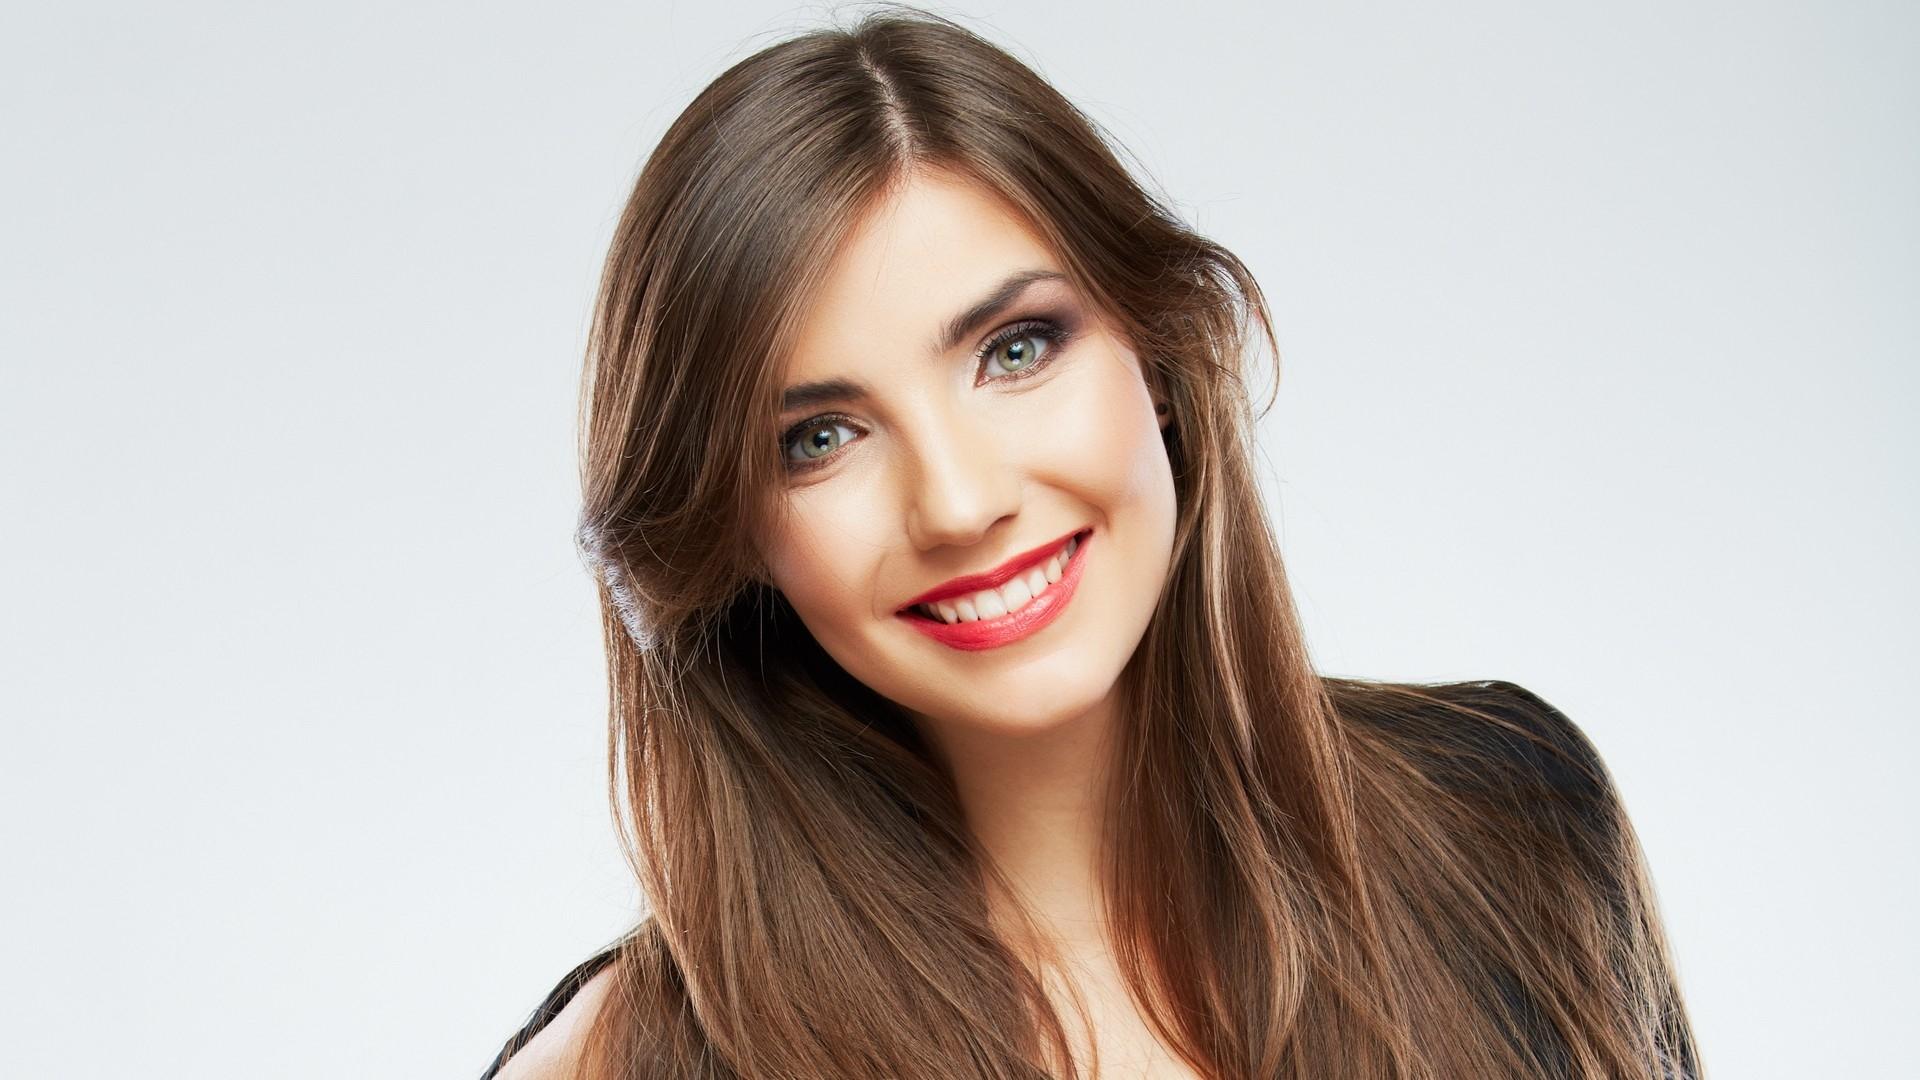 Download Wallpaper 1920x1080 smile, makeup, girl Full HD 1080p HD ...